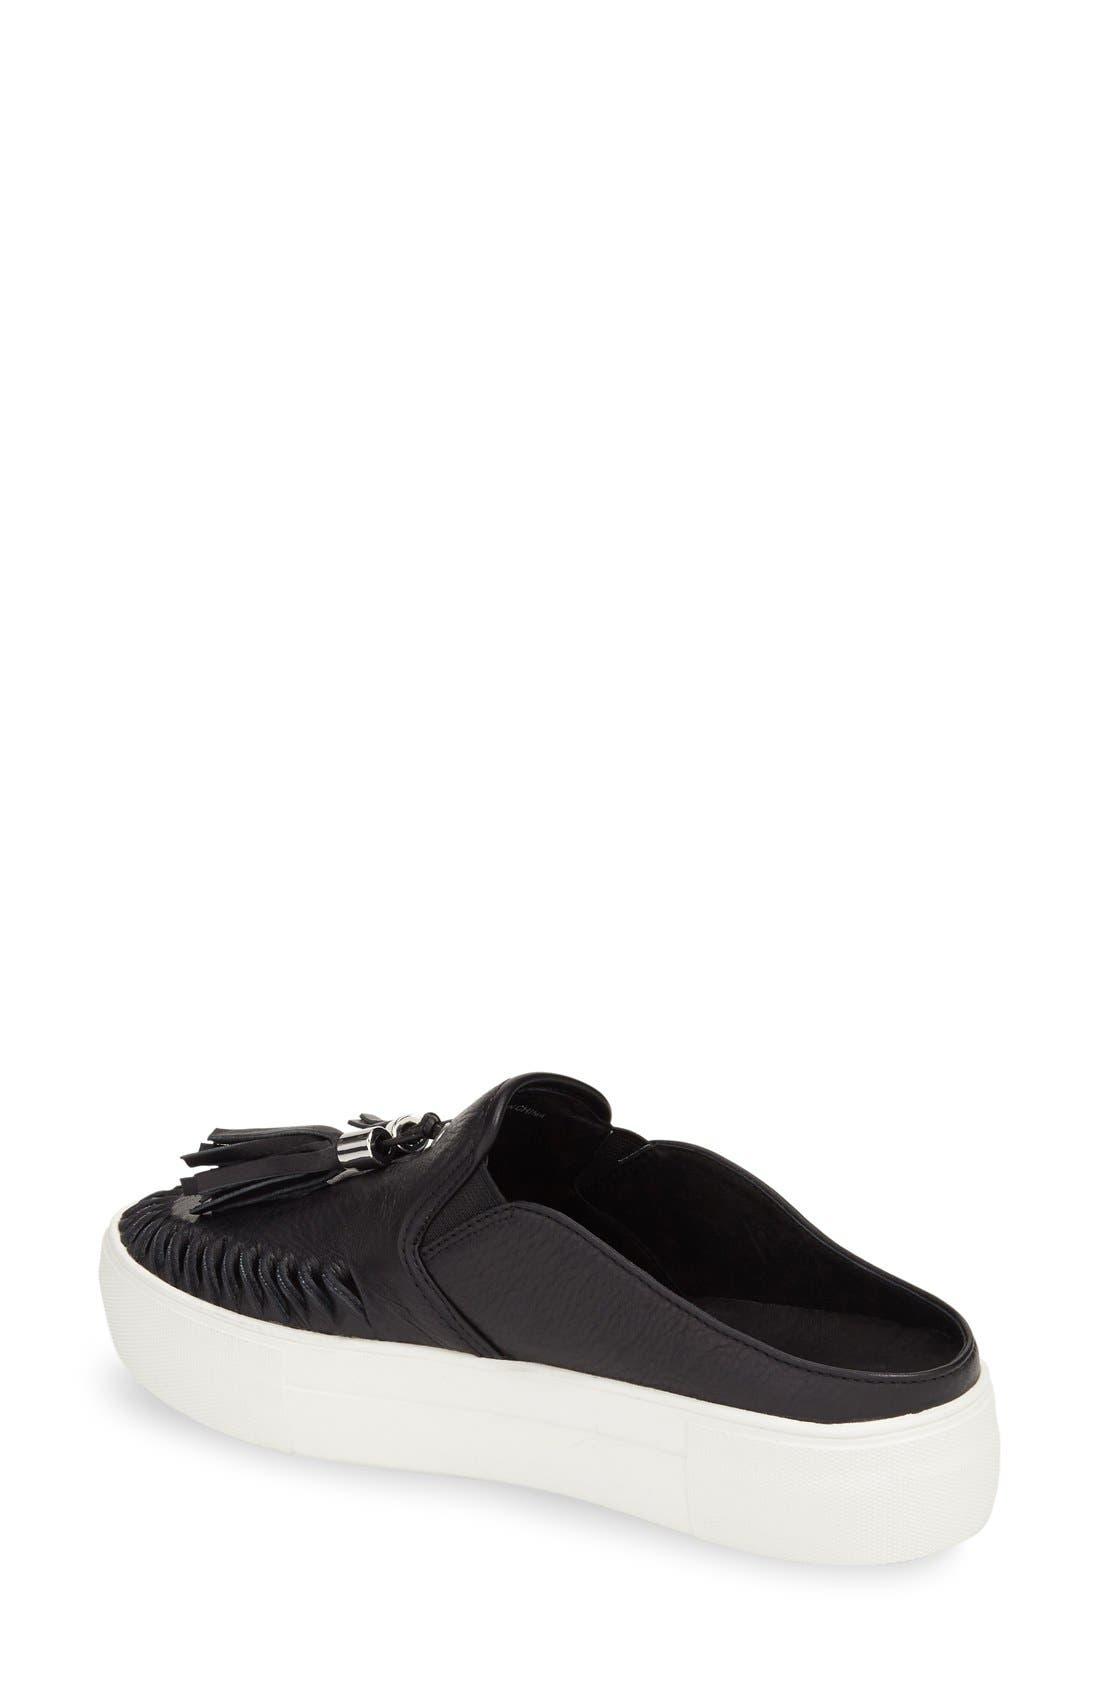 JSLIDES, Tassel Slip-On Sneaker, Alternate thumbnail 3, color, 015